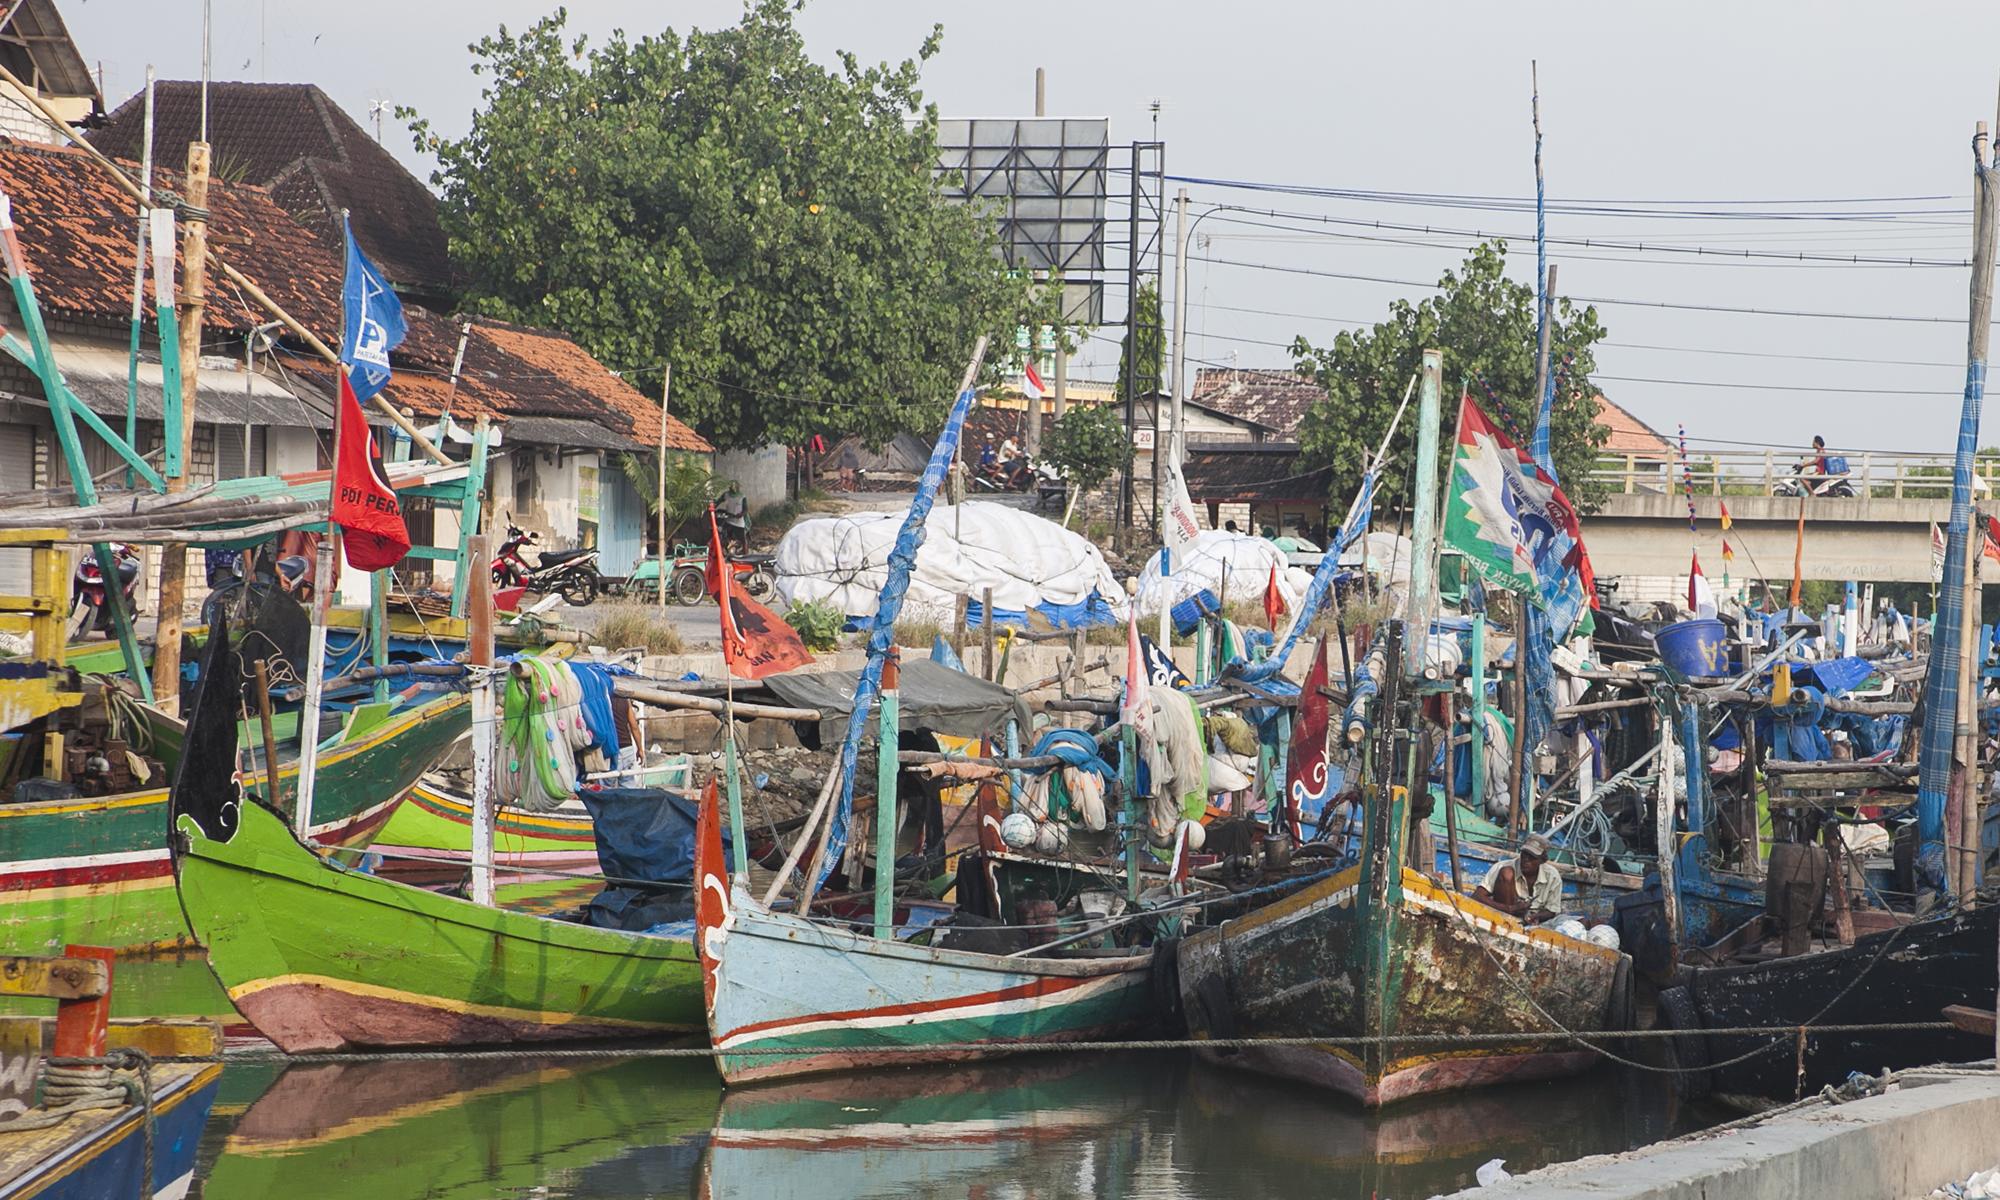 Tijdens onze reis van Surabaya naar Jakarta deden wij dit vissersdorp aan. Een mooi stukje Indonesië